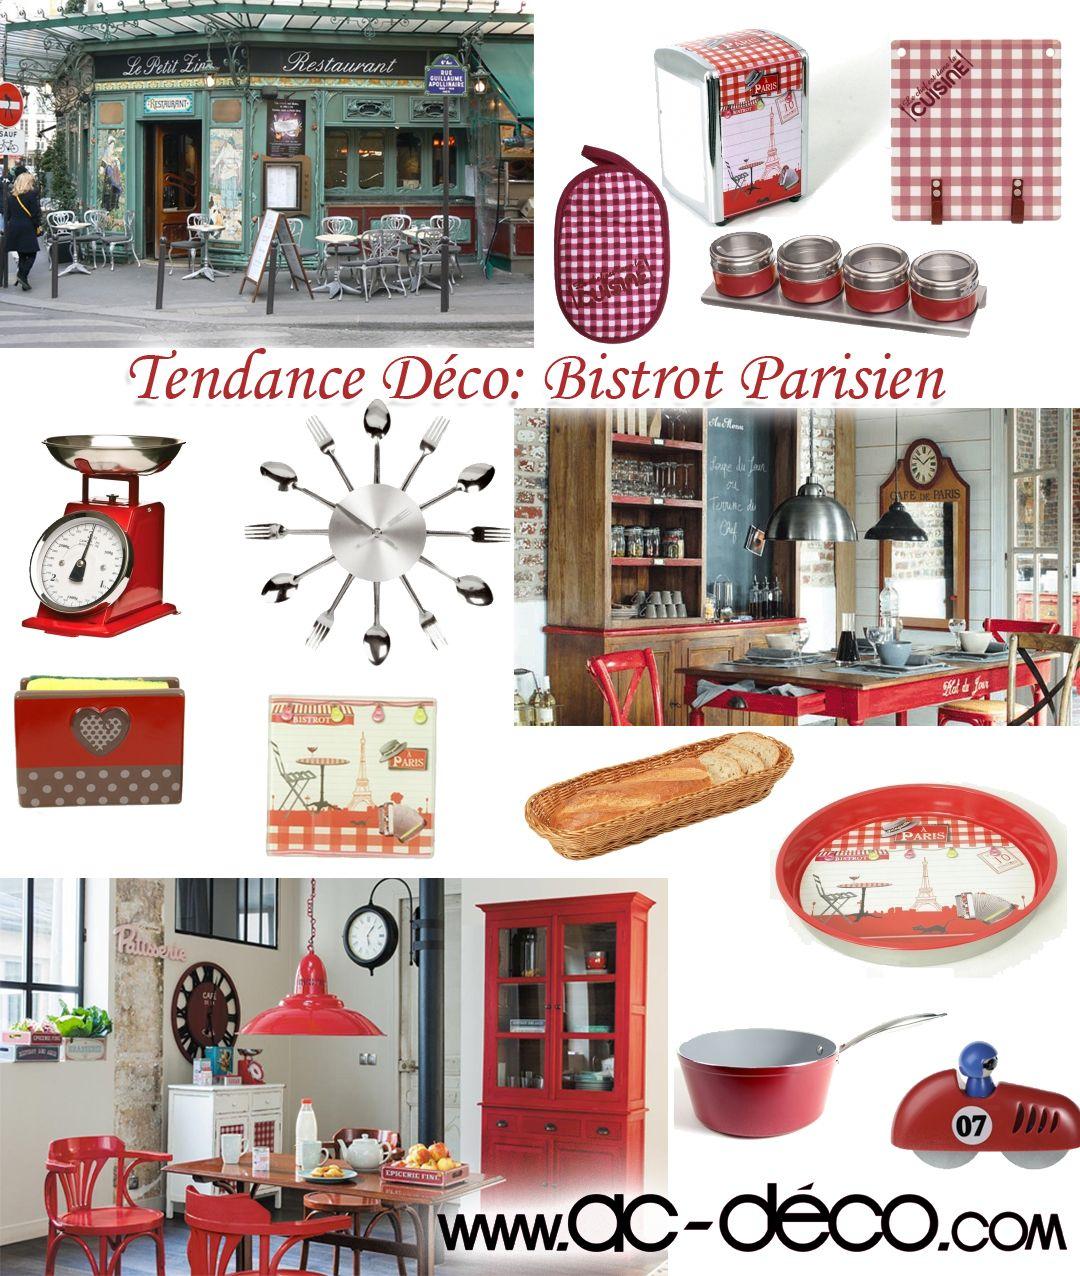 tendance de dcoration bistrot parisien sur wwwac decocom des objets